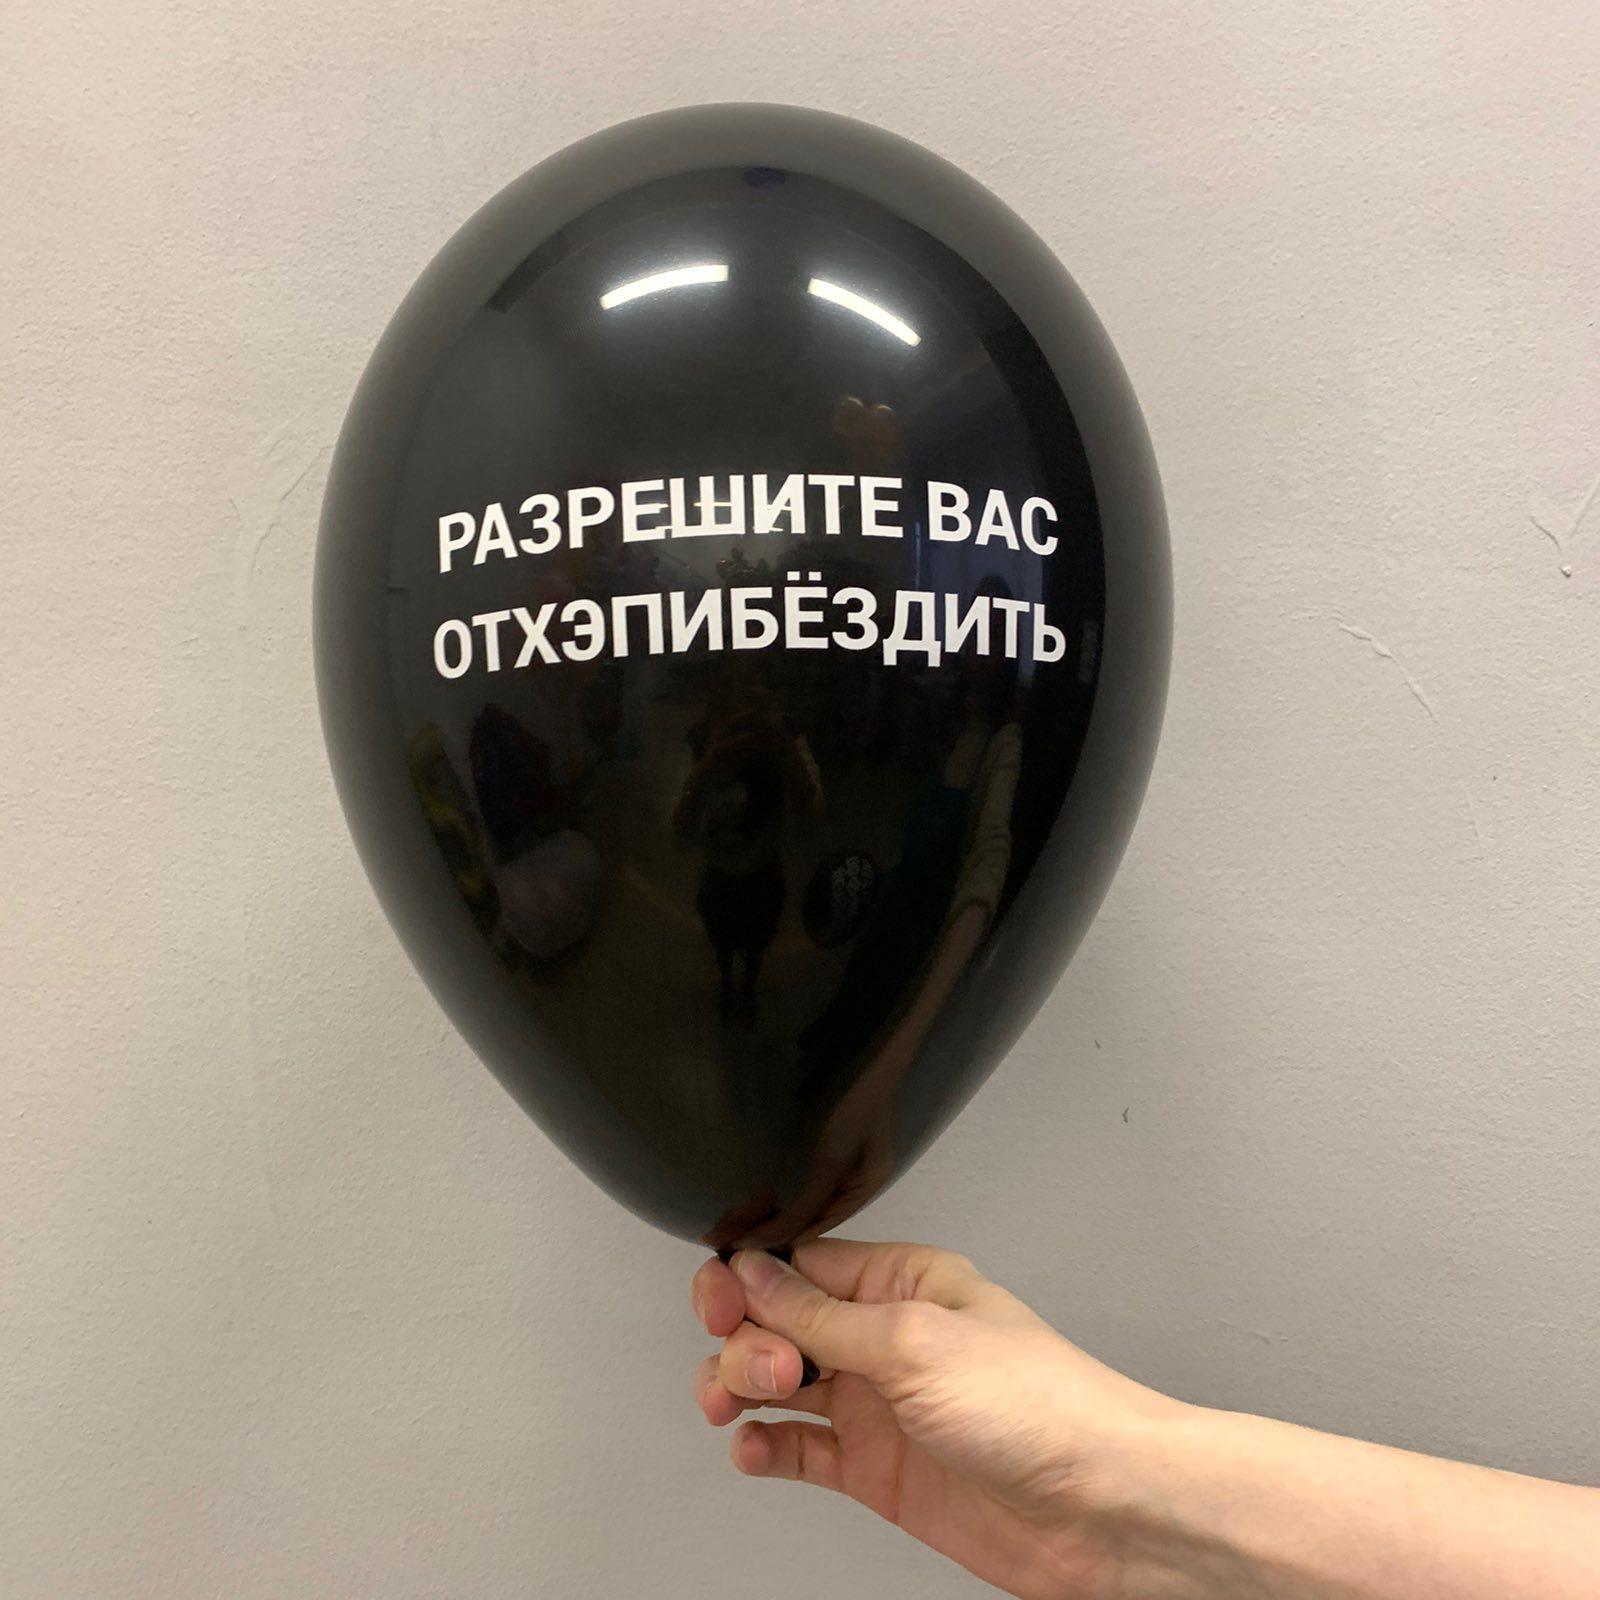 Разрешите вас отхеппибездить картинки ткань лен черный купить в москве